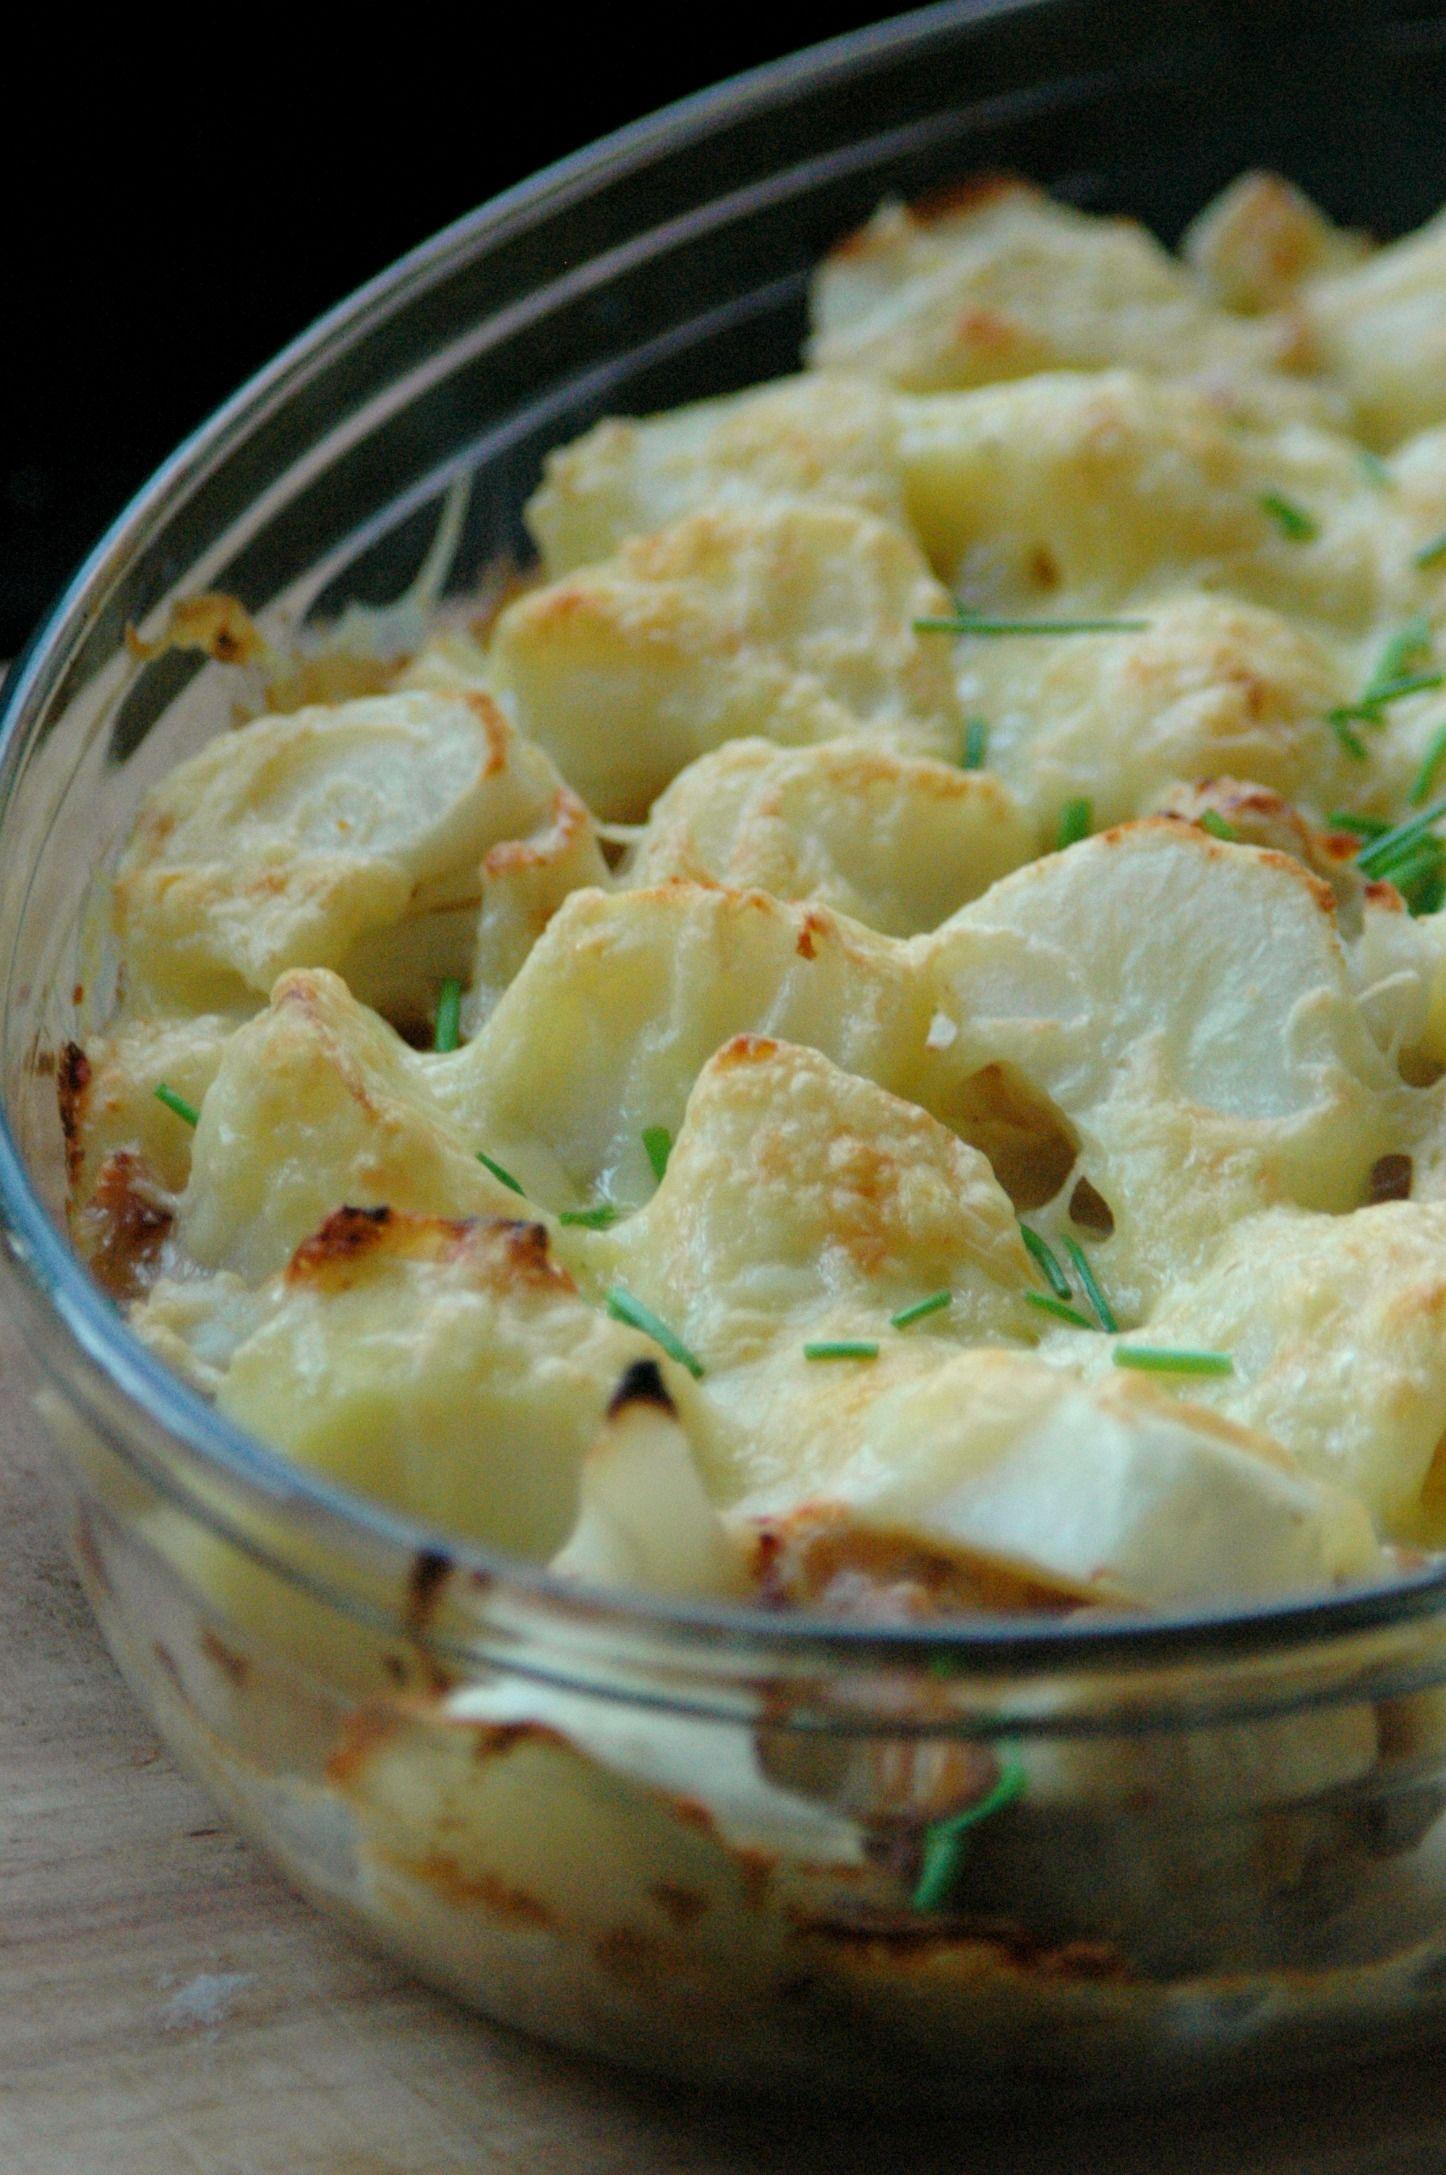 Aardappel anders (4 personen)